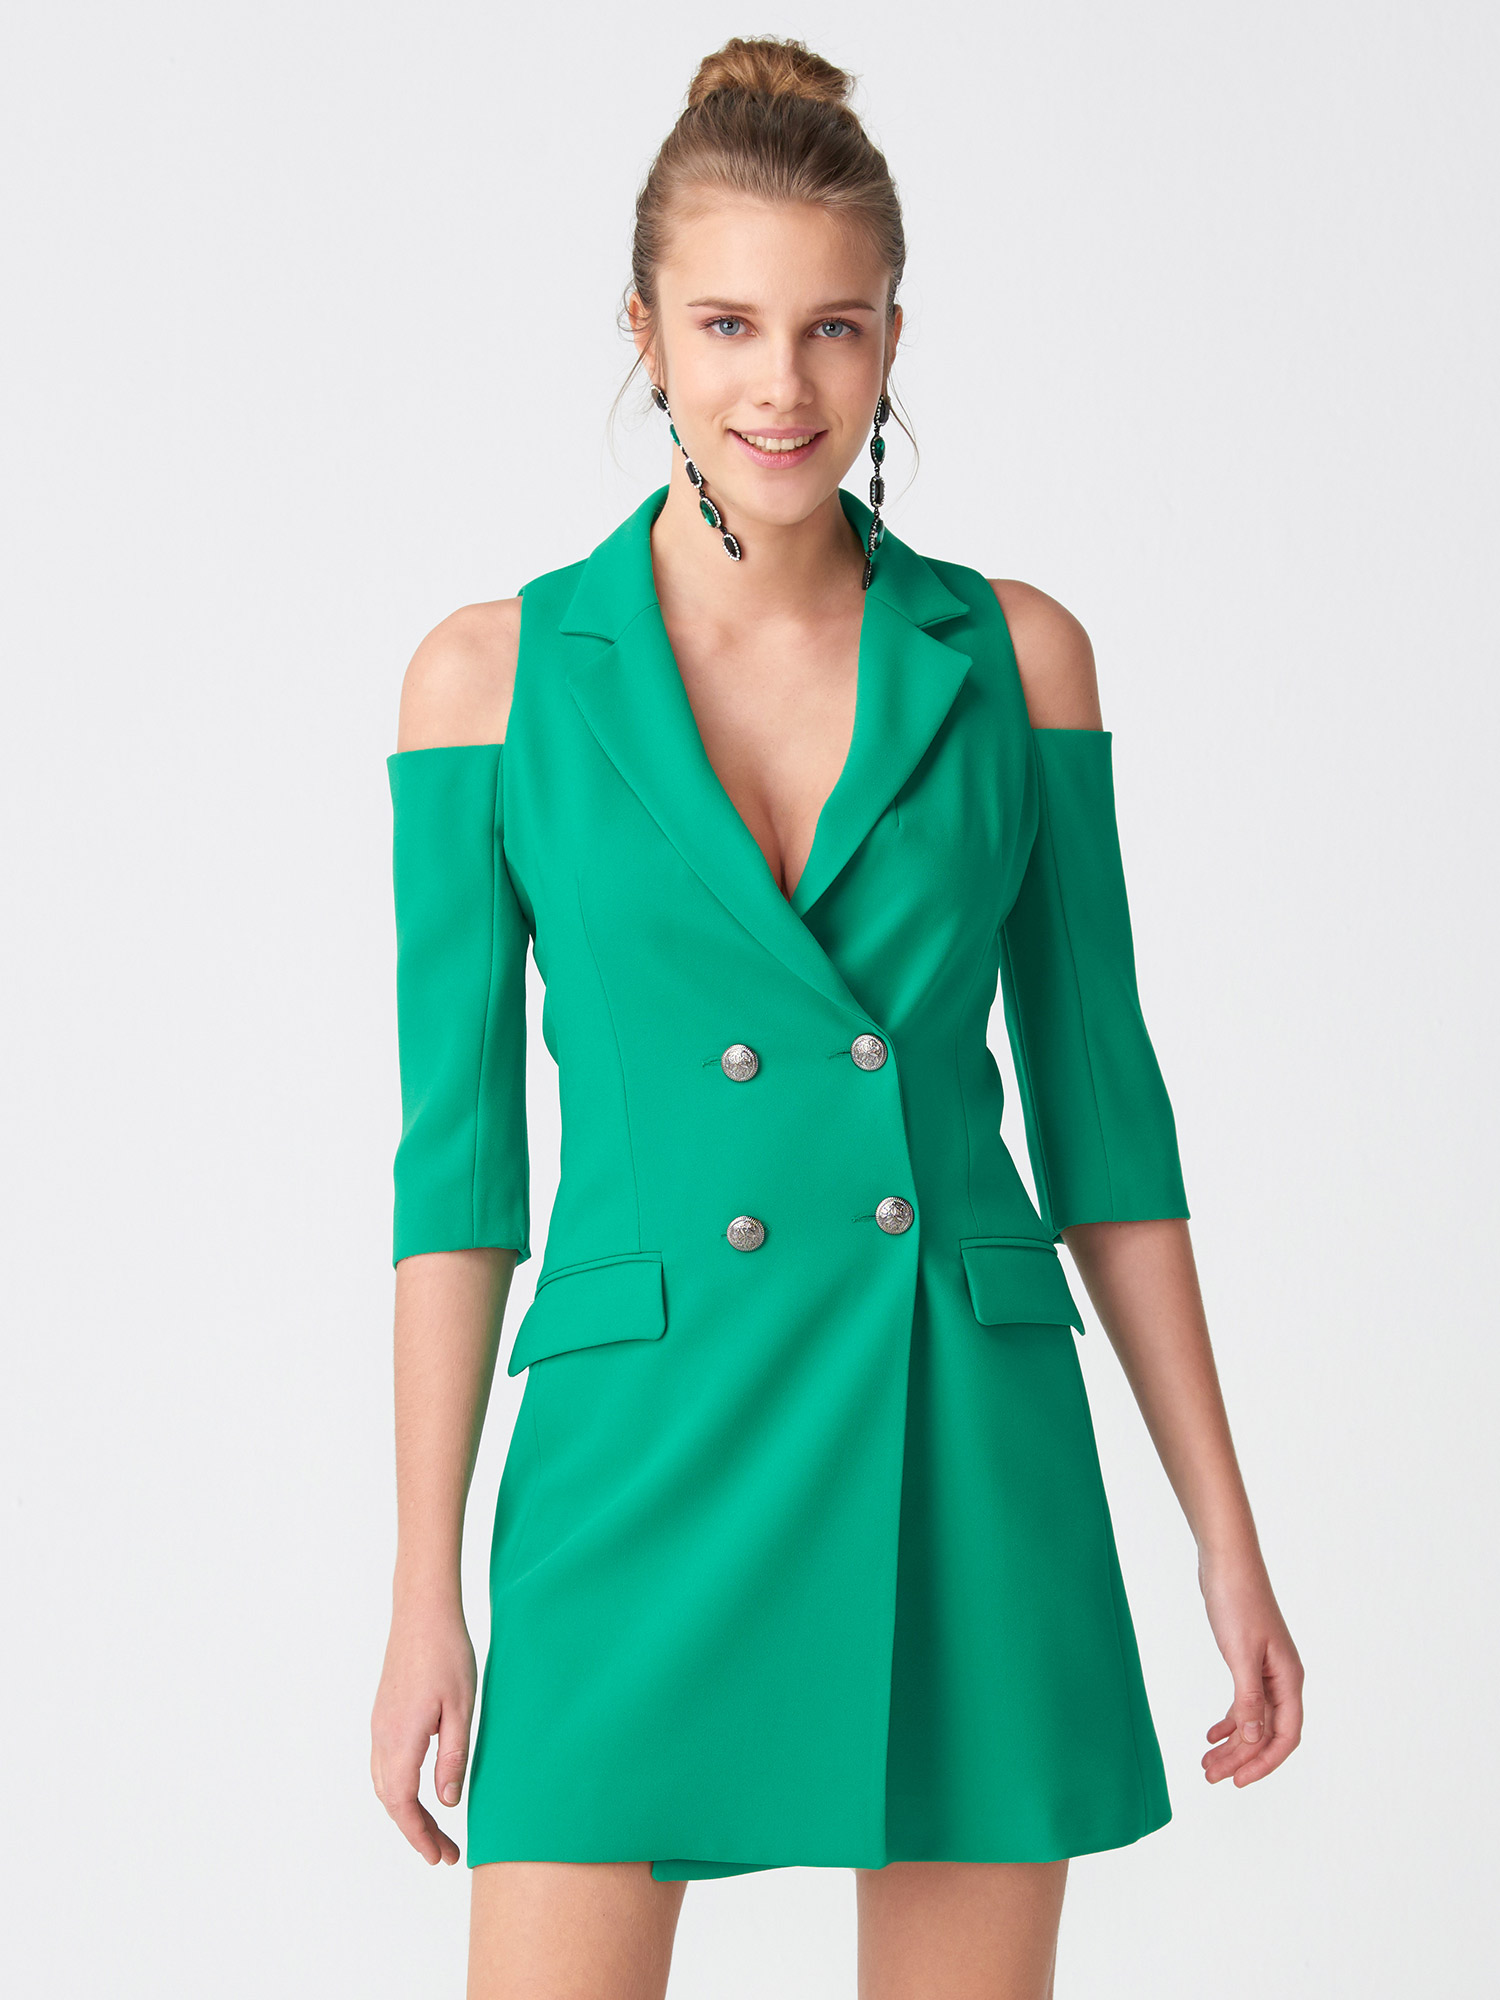 bc4c9d91561a7 6709 Omuzu Açık Kruvaze Ceket Elbise-Yeşil   ELBİSE   DILVIN